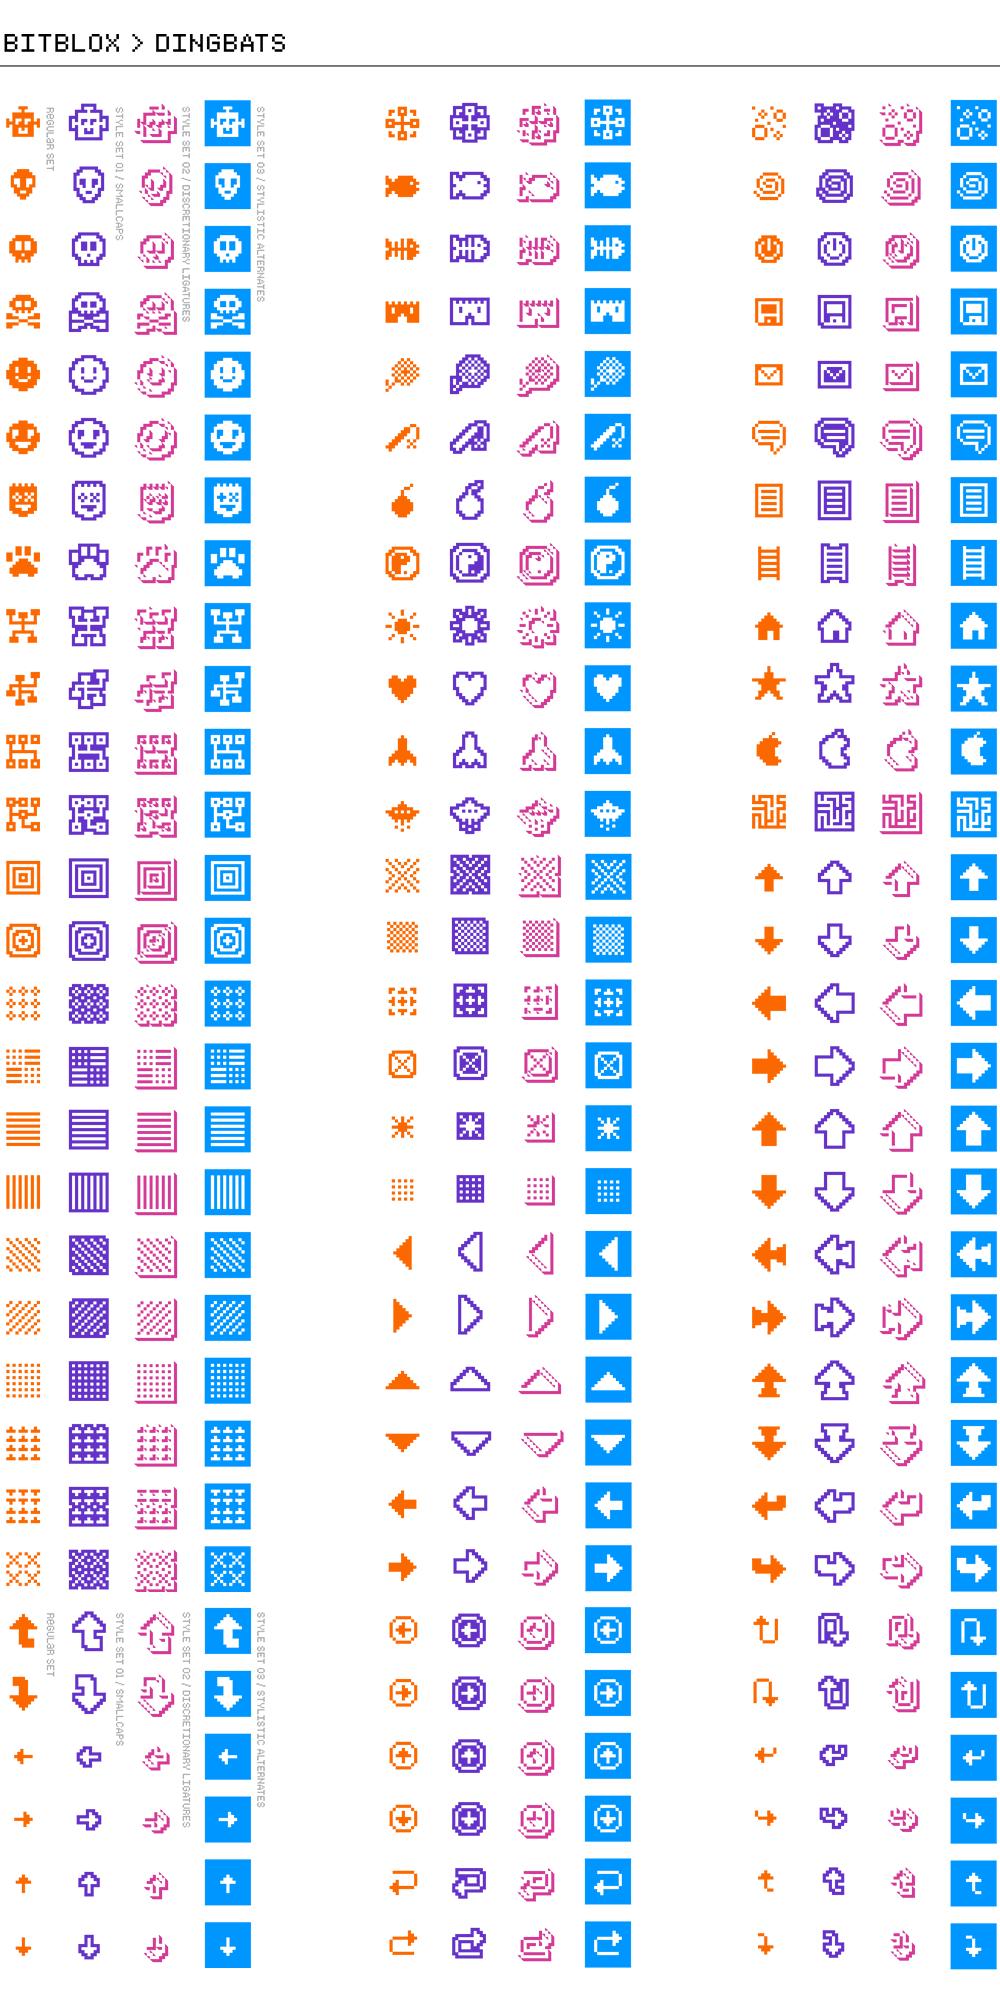 Bitblox Dingbats: Digital Typeface